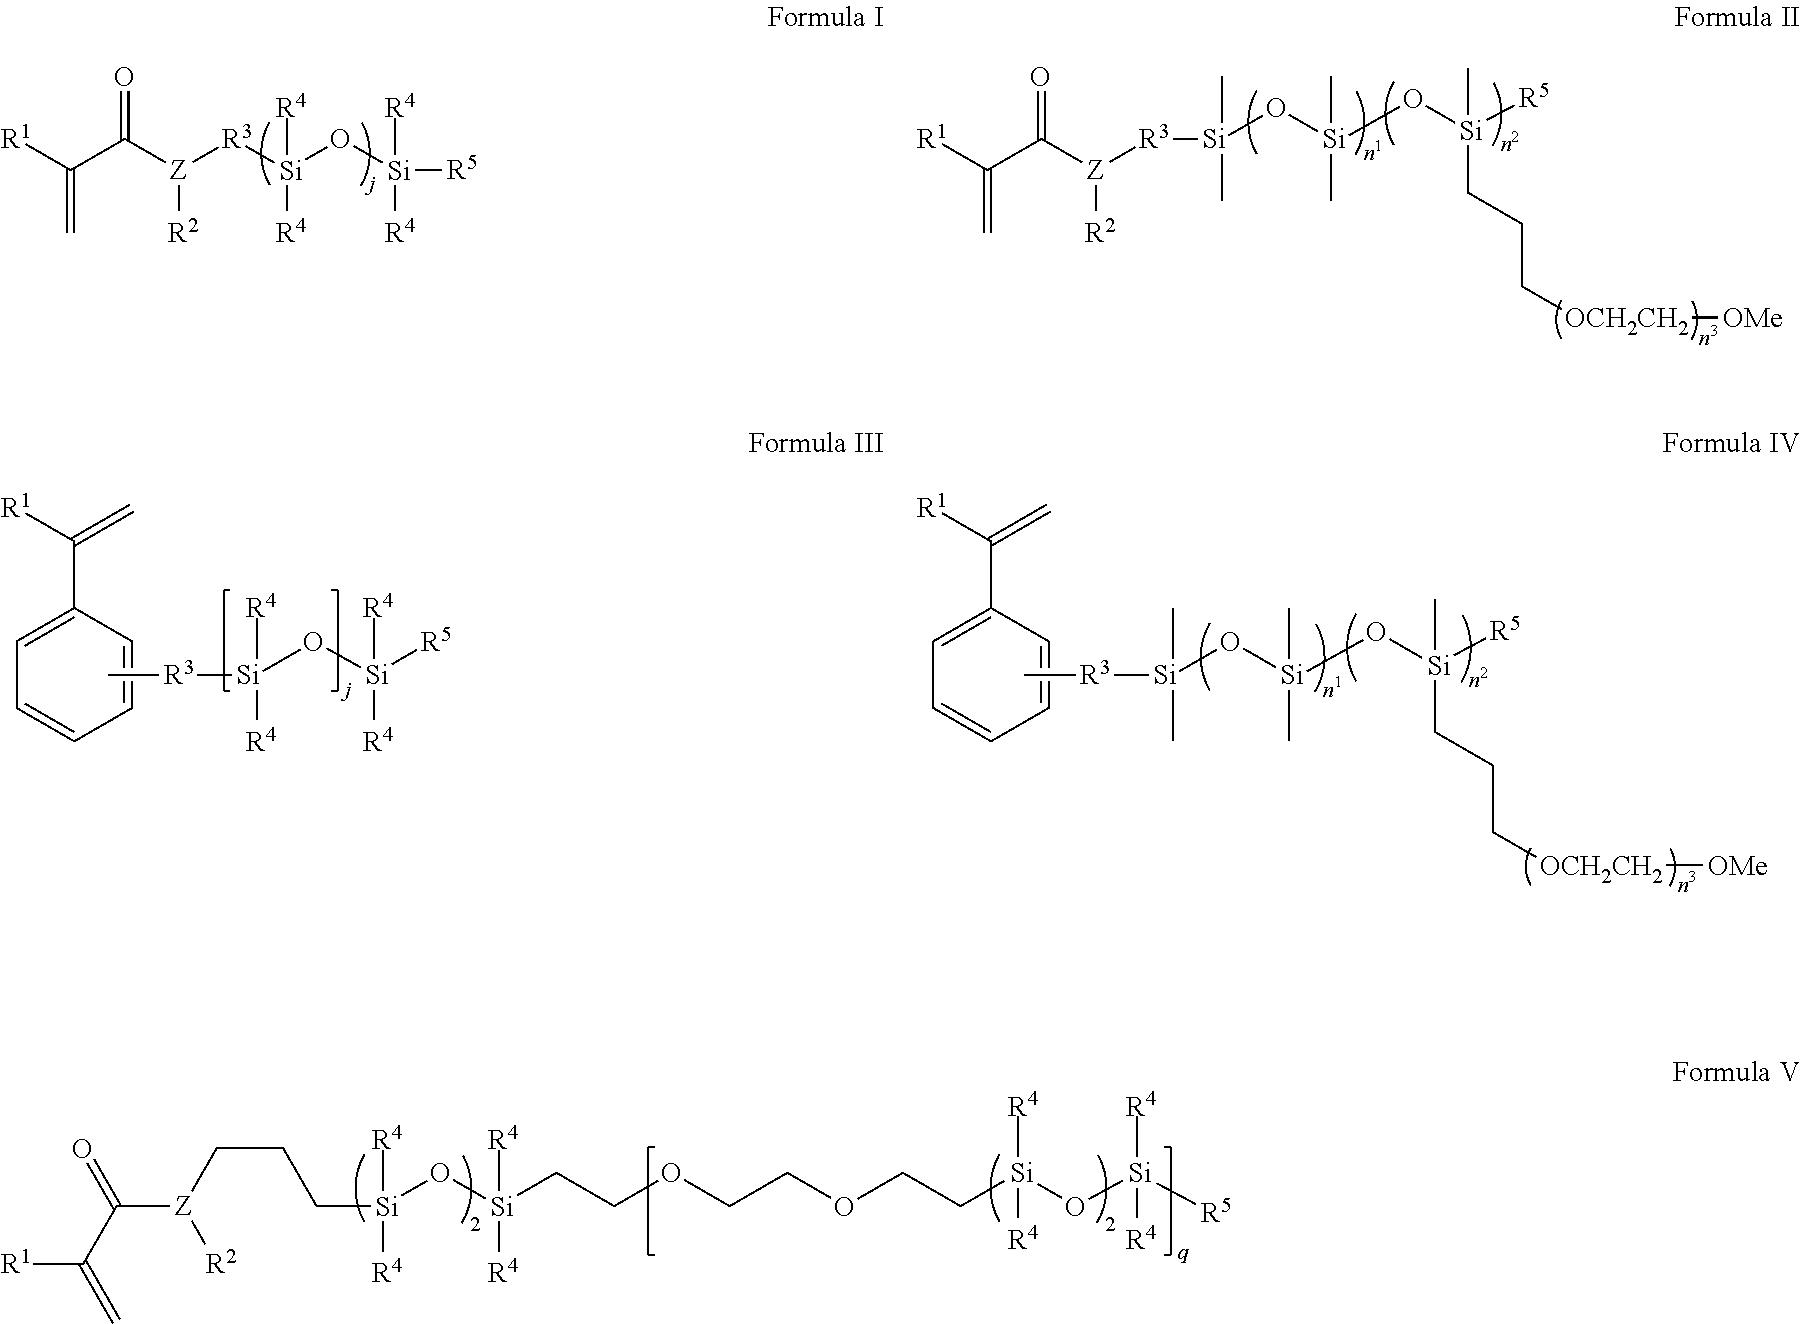 Figure US20180011223A1-20180111-C00001